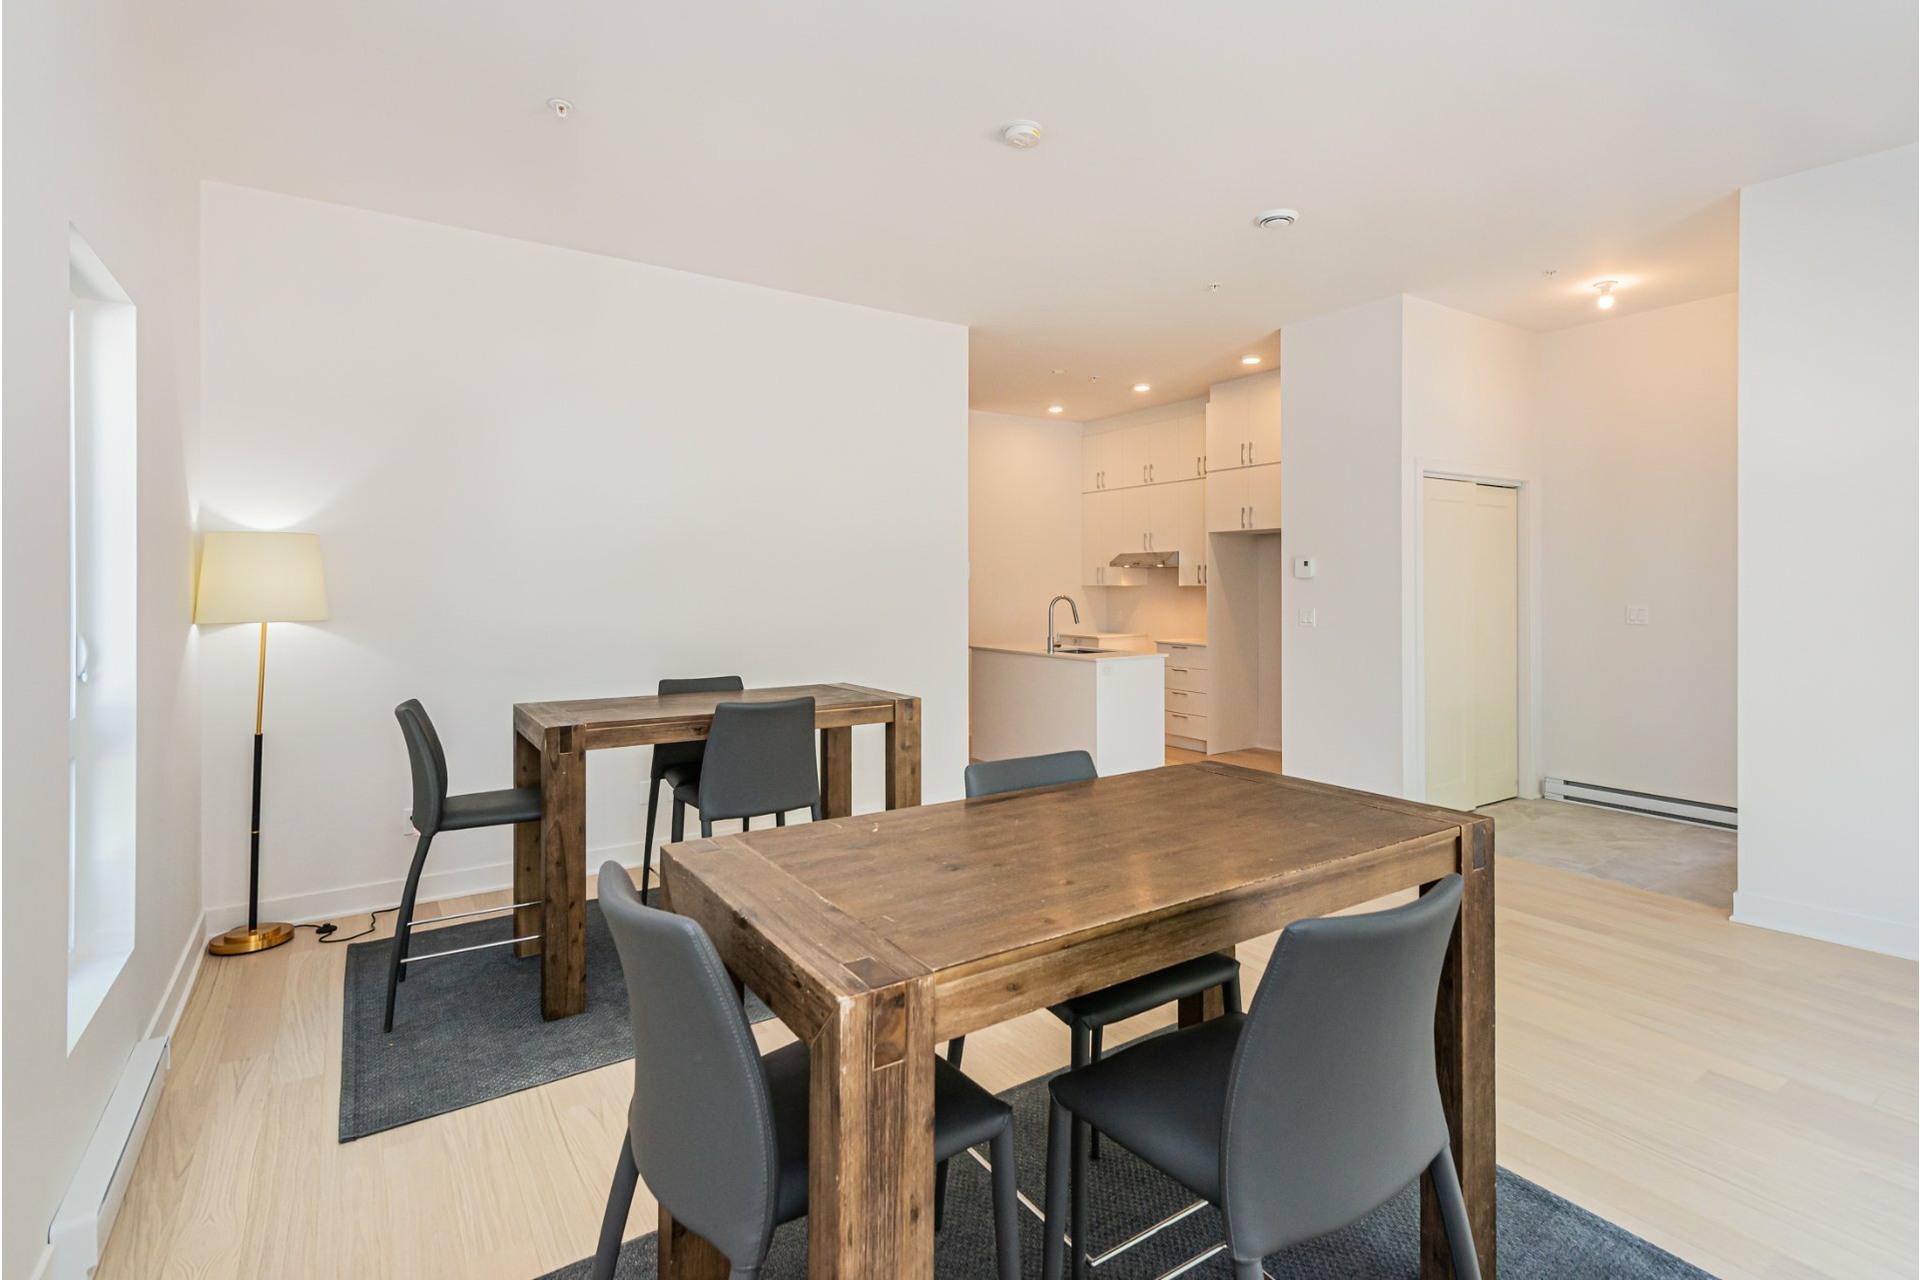 image 7 - Apartment For sale Rosemont/La Petite-Patrie Montréal  - 5 rooms